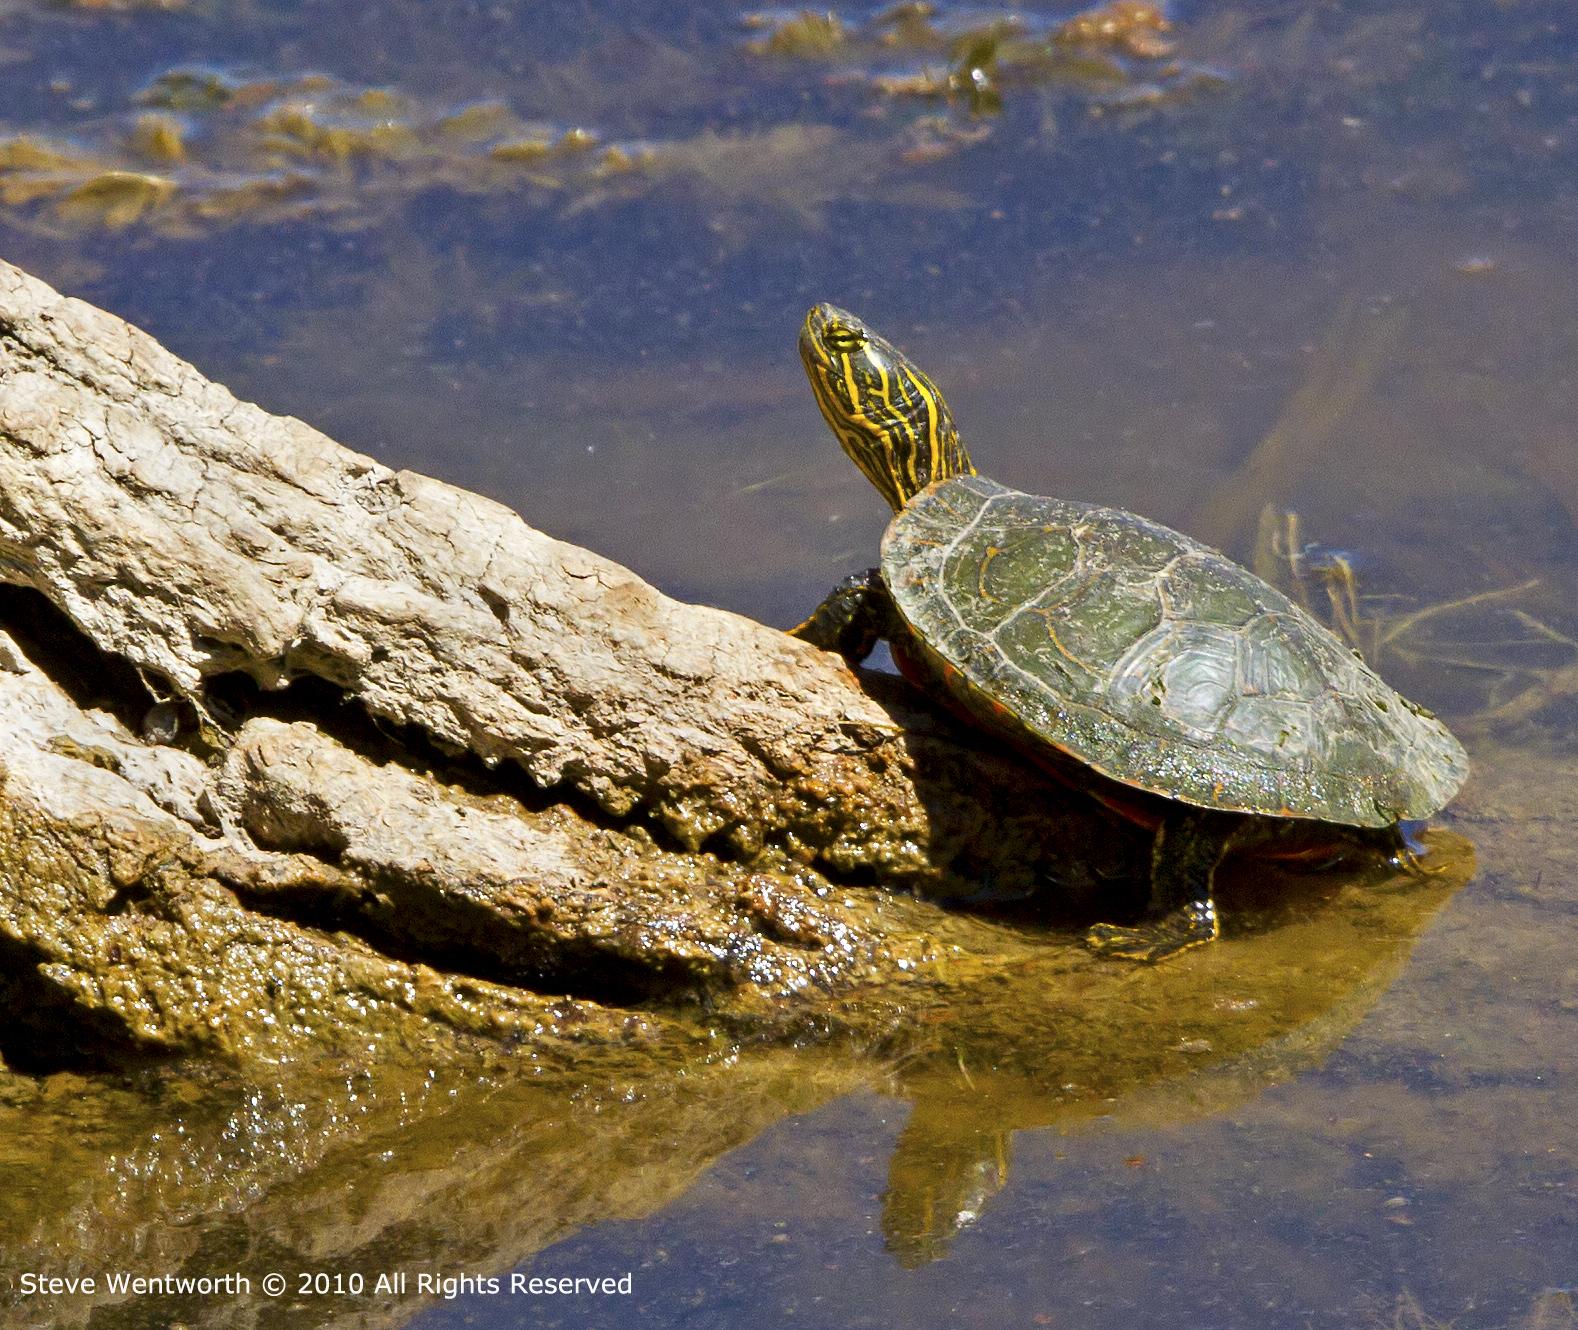 5 - Turtle